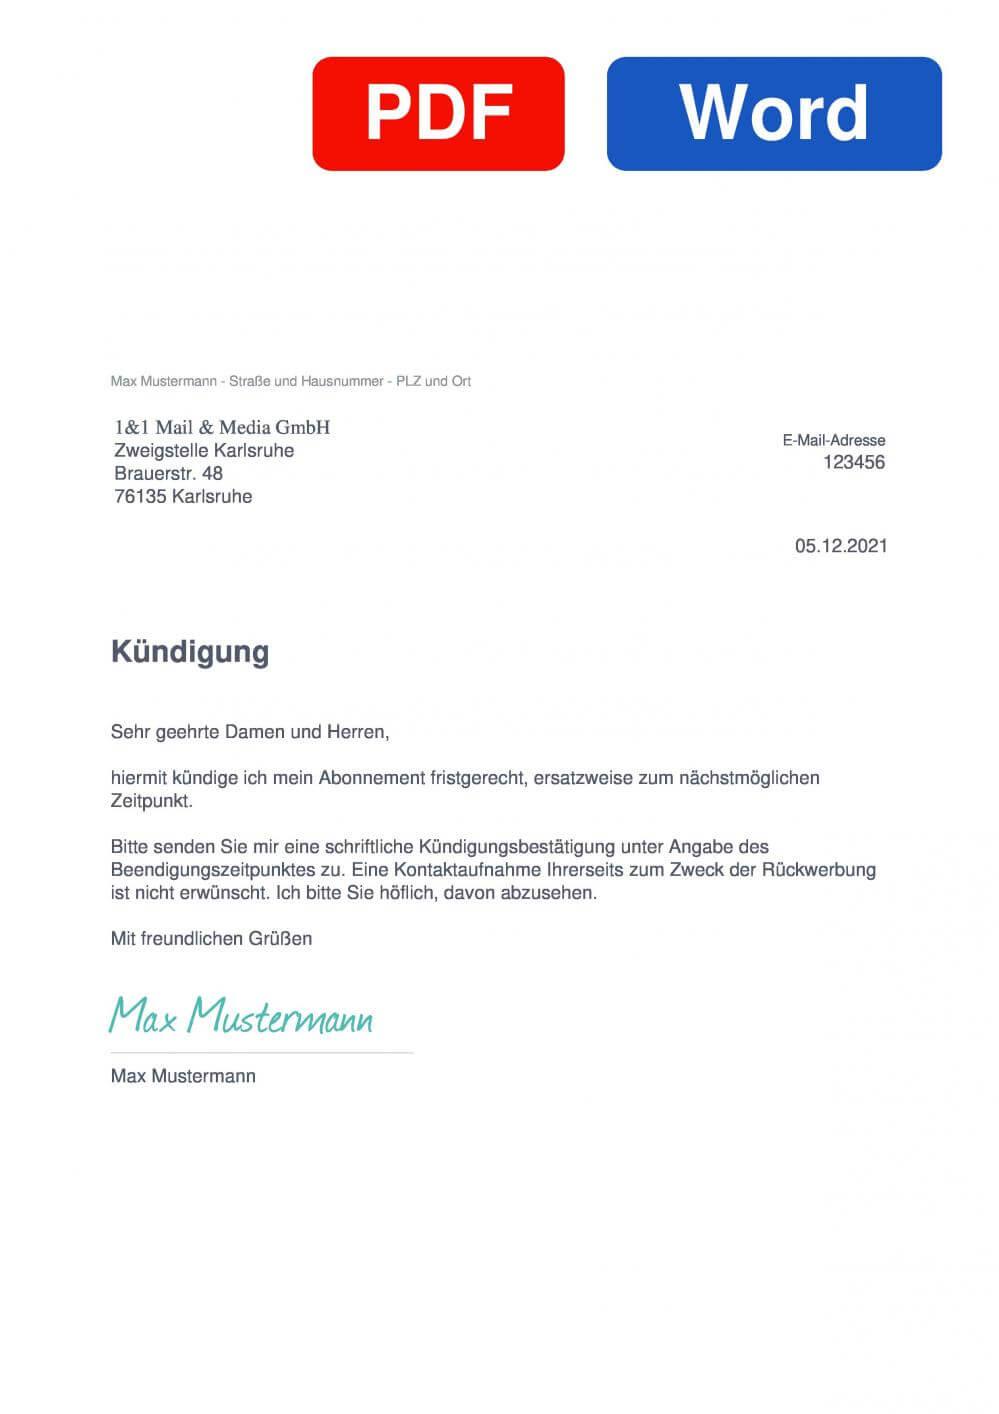 WEB.DE SteuerSparErklärung Muster Vorlage für Kündigungsschreiben